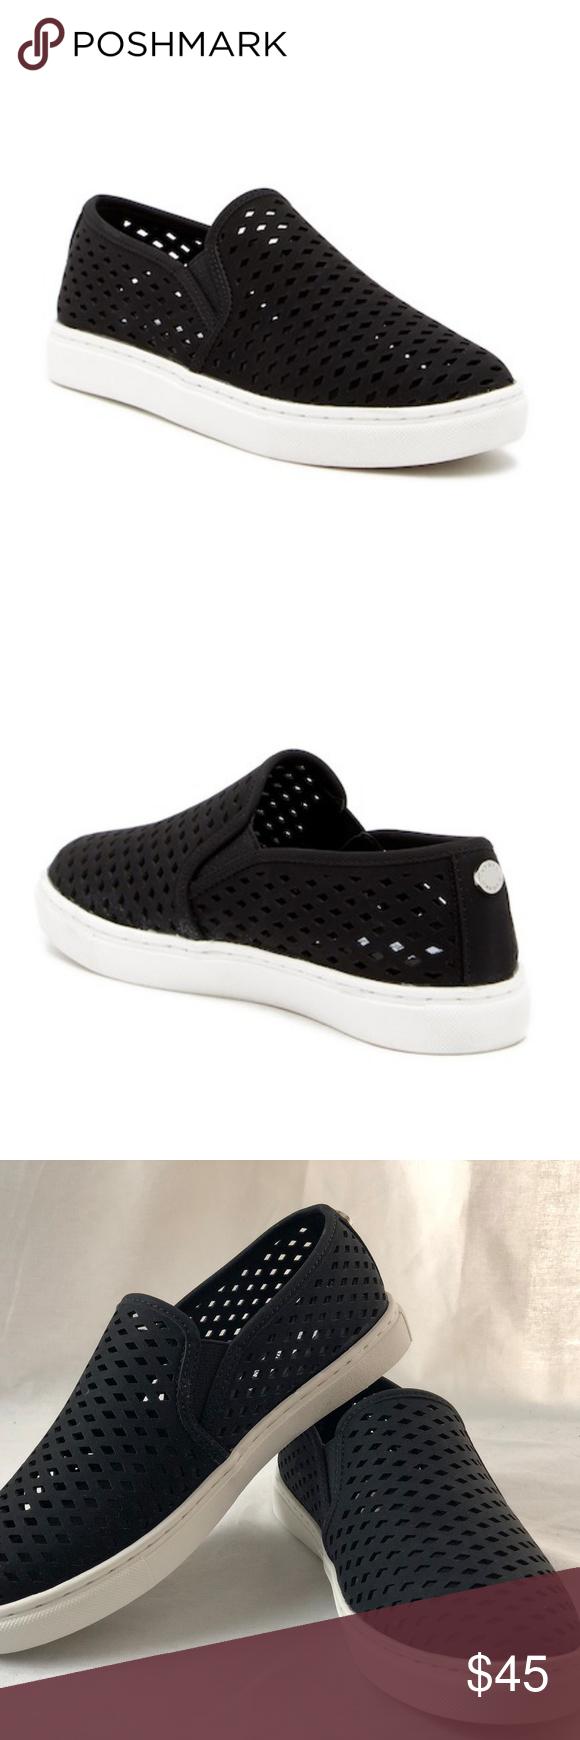 45212586ce7 Steve Madden Zeena Slip-On Sneaker Steve Madden Zeena Slip-On Sneaker.  Condition  New without box. Size  Women s 8.5 Details Sizing  Runs small   ...